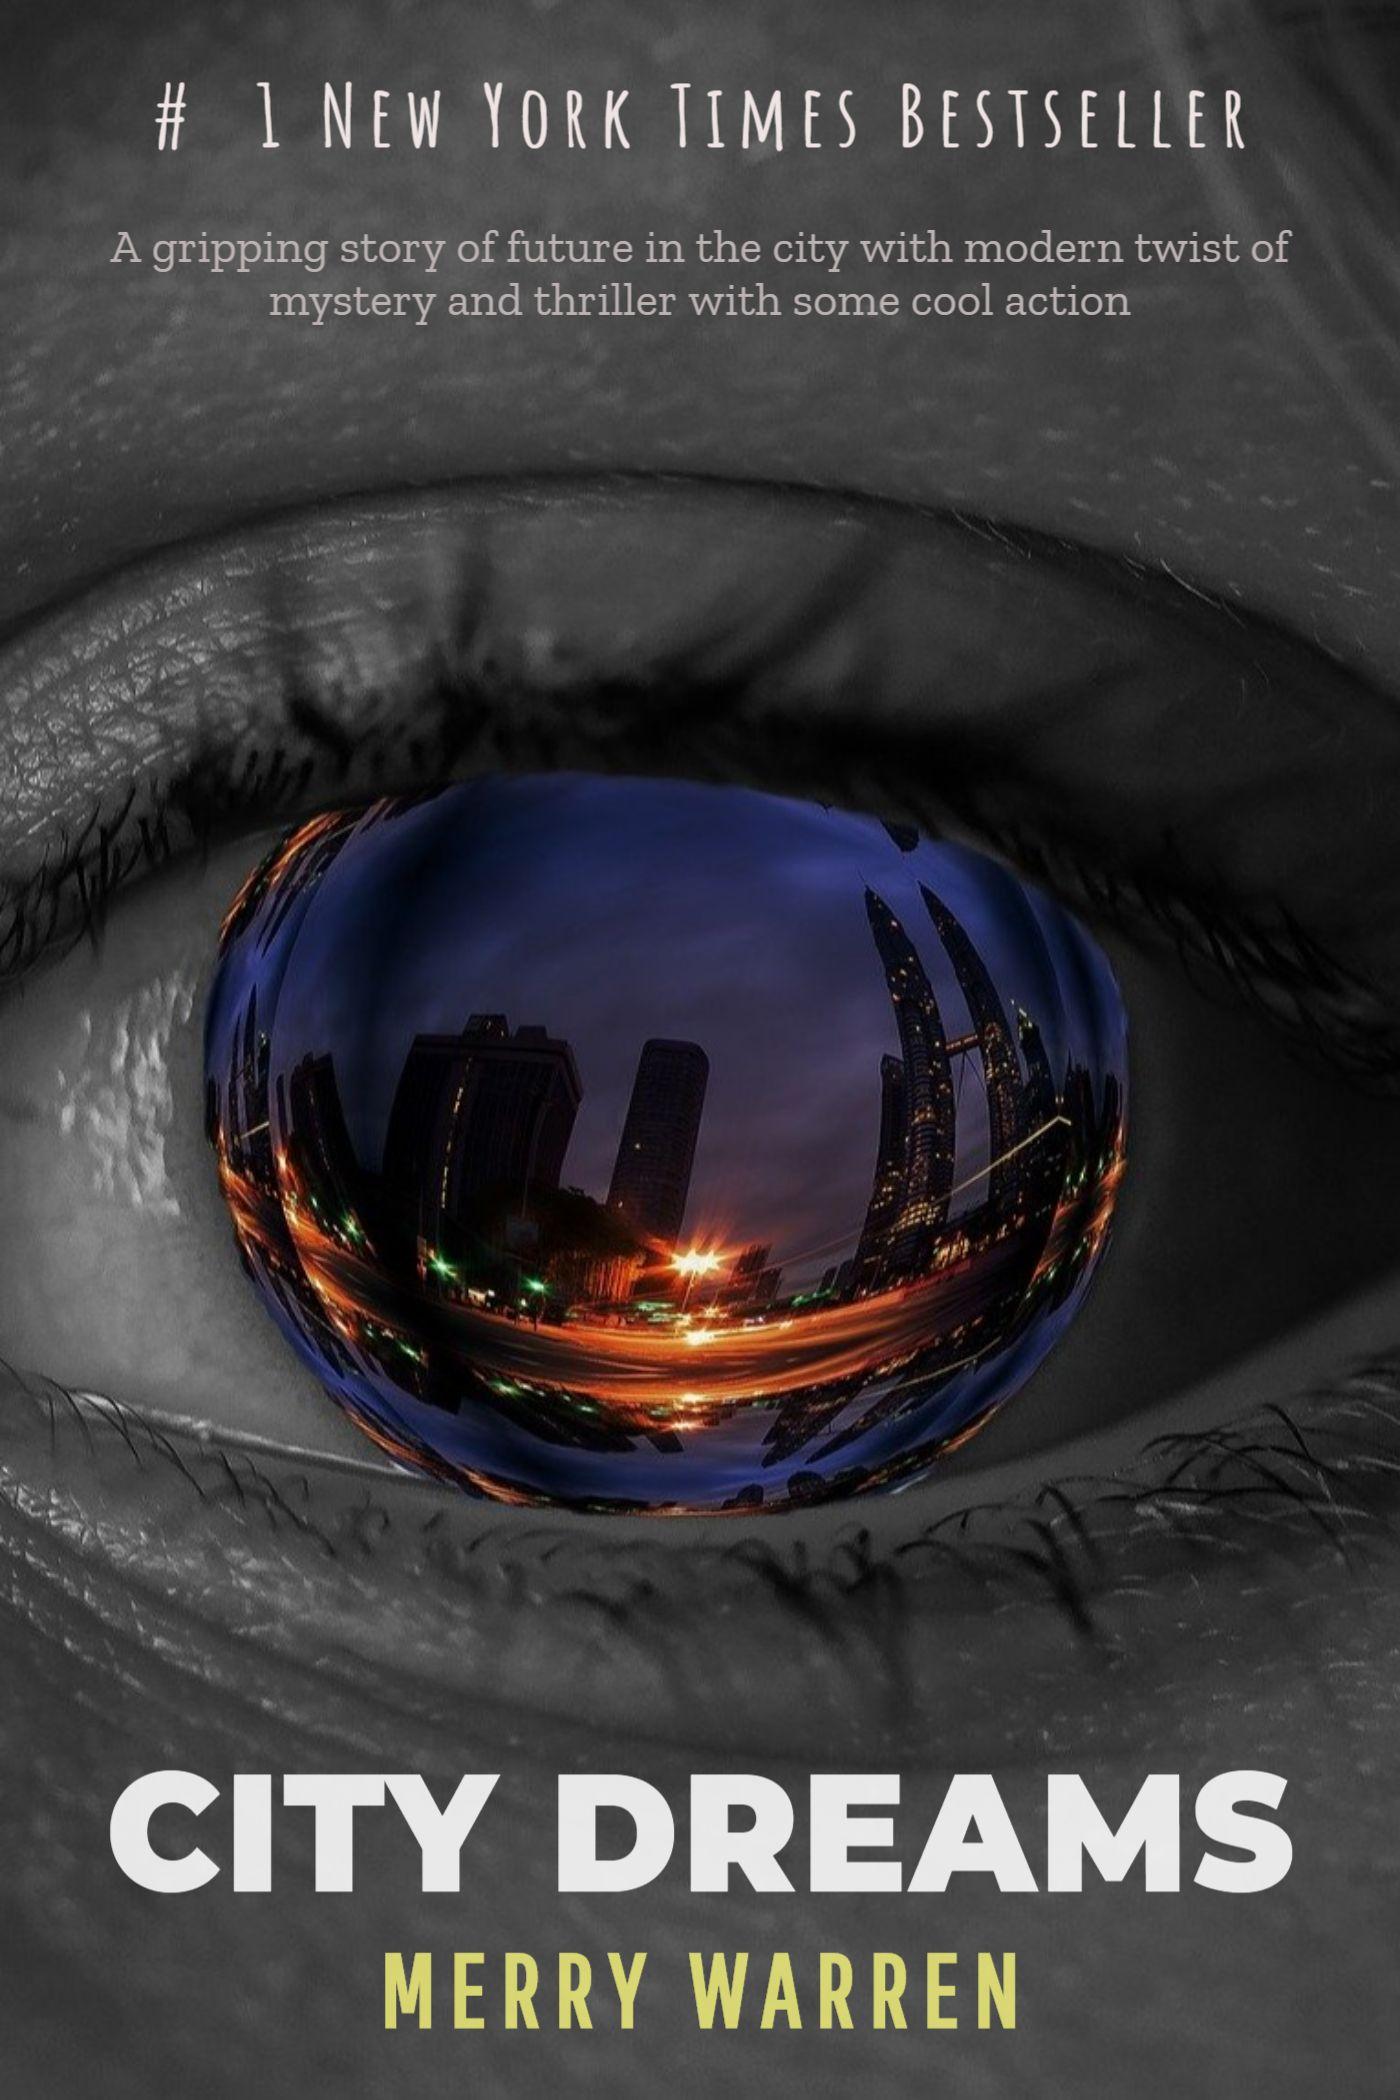 City Dreams Sci Fi Book Cover Maker